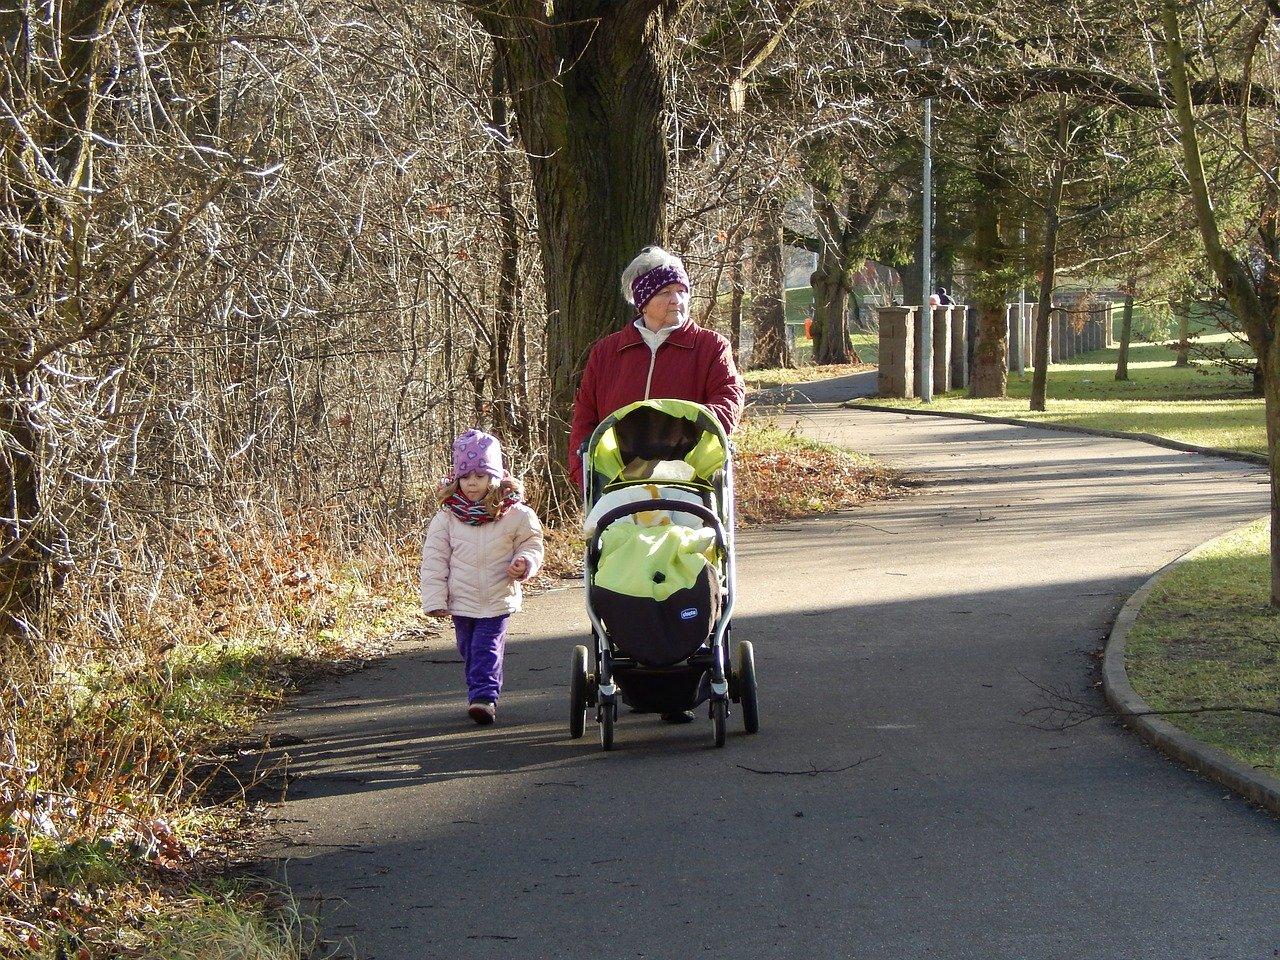 Wyprawka dla noworodka i nie tylko, czyli kupujemy wózek